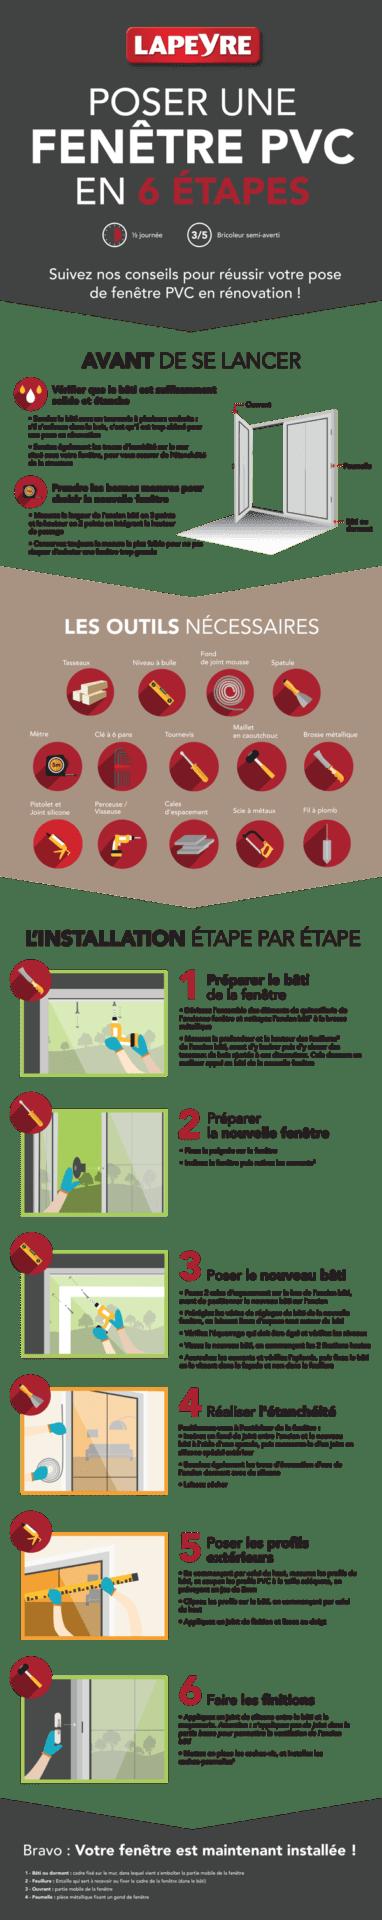 Comment Poser Une Fenetre Pvc En Renovation En 6 Etapes Lapeyre Lapeyre